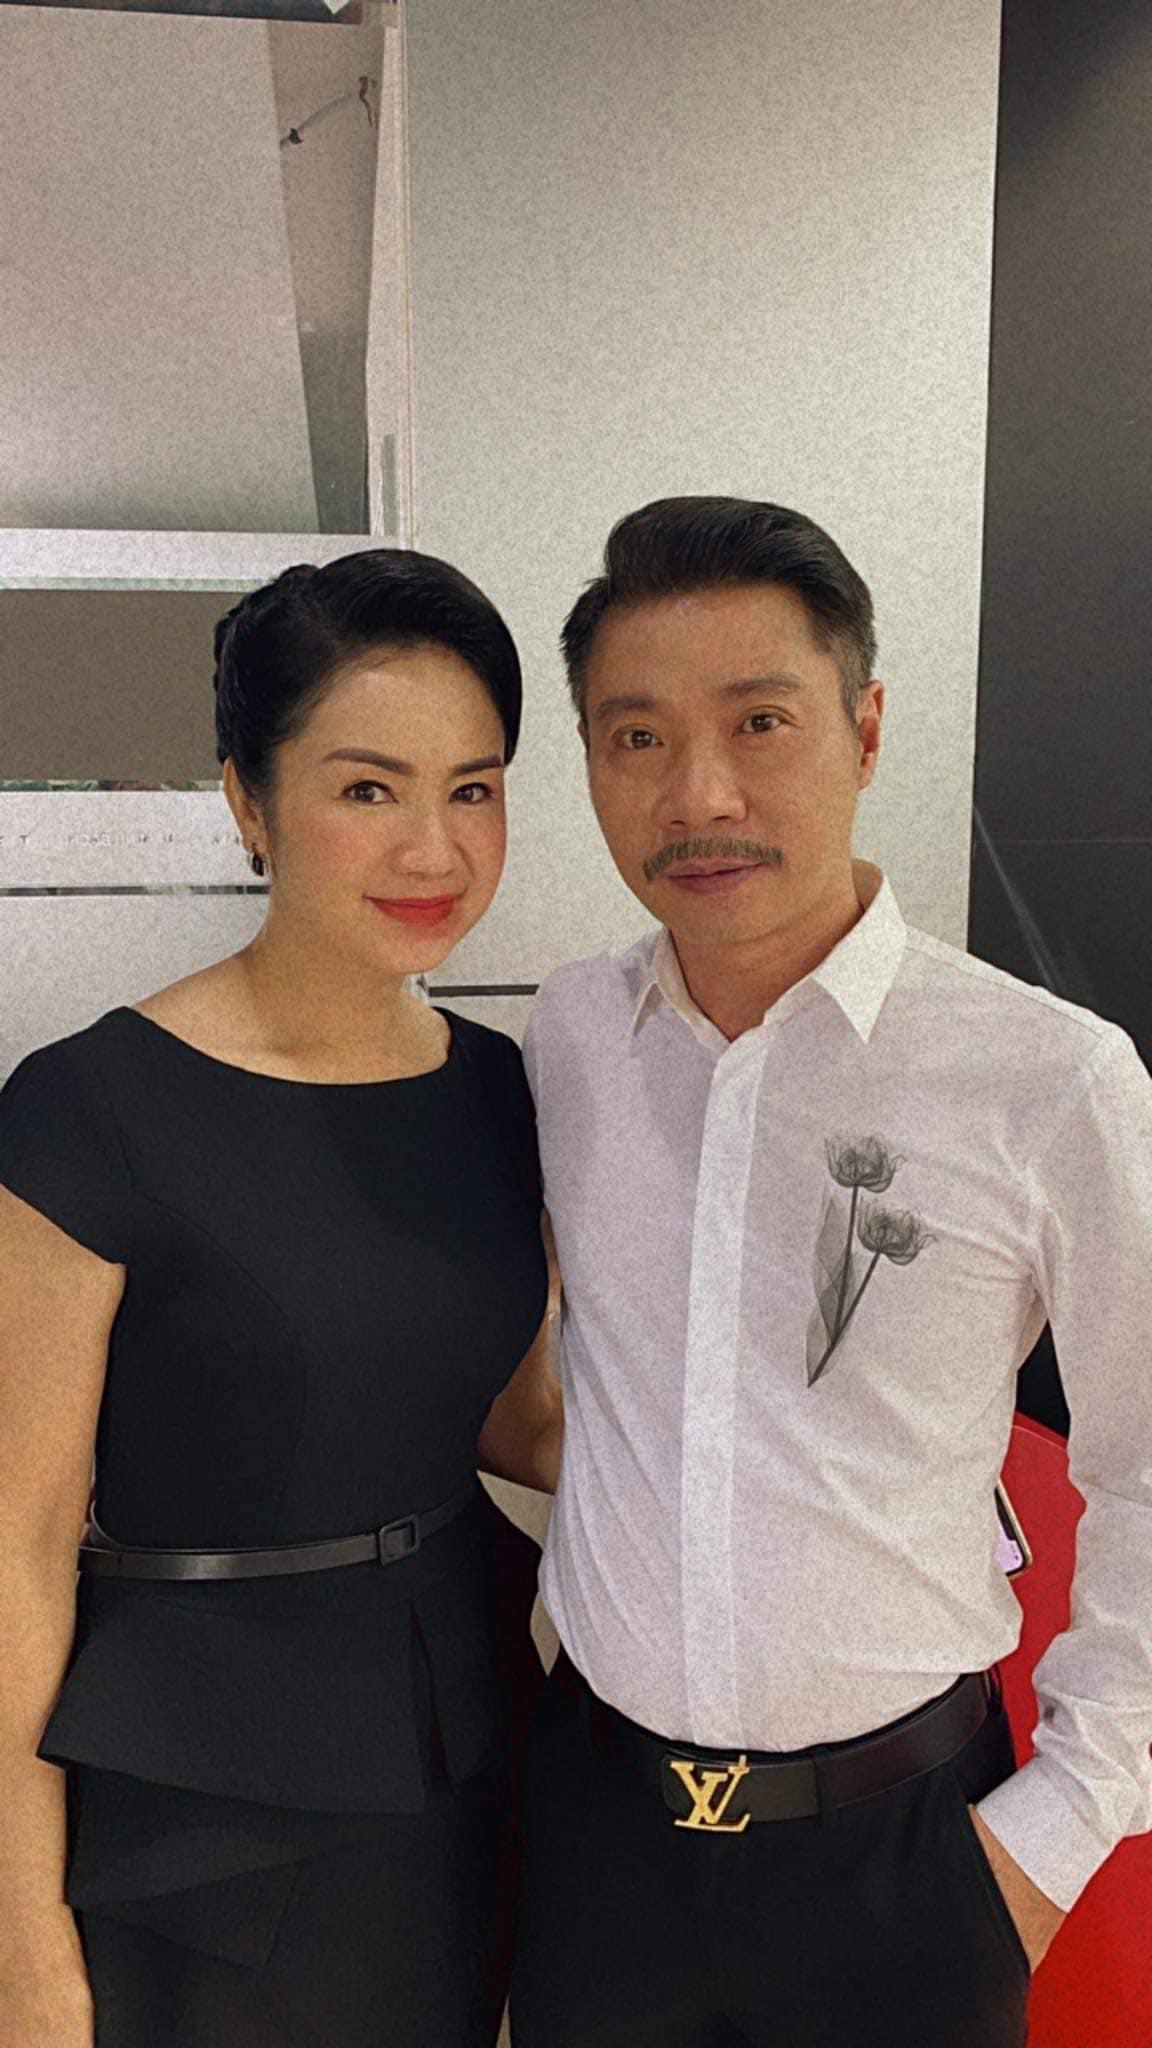 NSND Thu Hà được đồng nghiệp trầm trồ khen biểu tượng nhan sắc Việt - 2